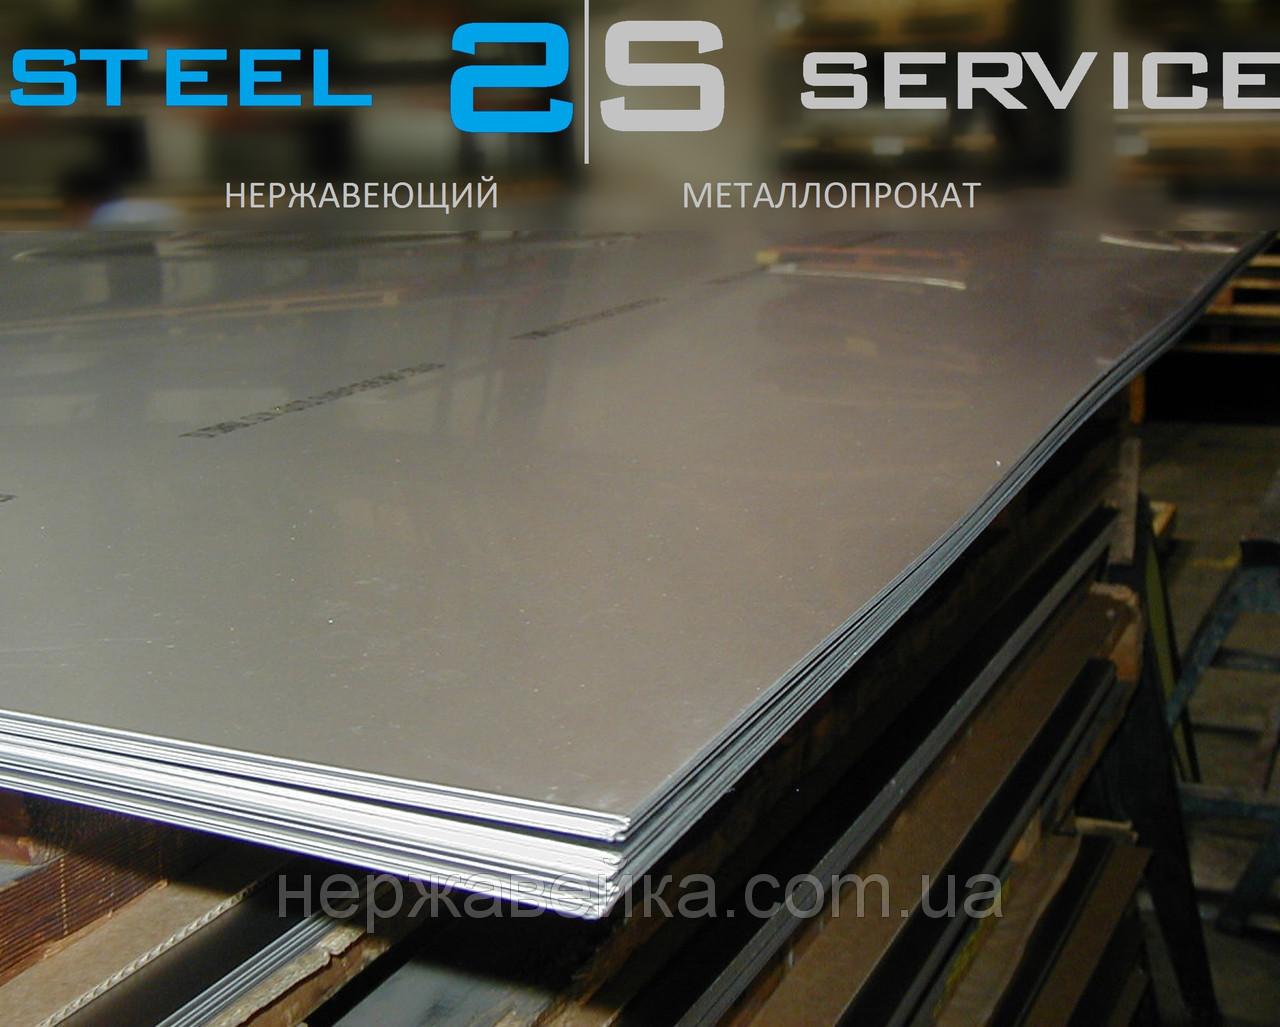 Нержавеющий лист 2х1250х2500мм  AISI 310(20Х23Н18) 2B - матовый,  жаропрочный